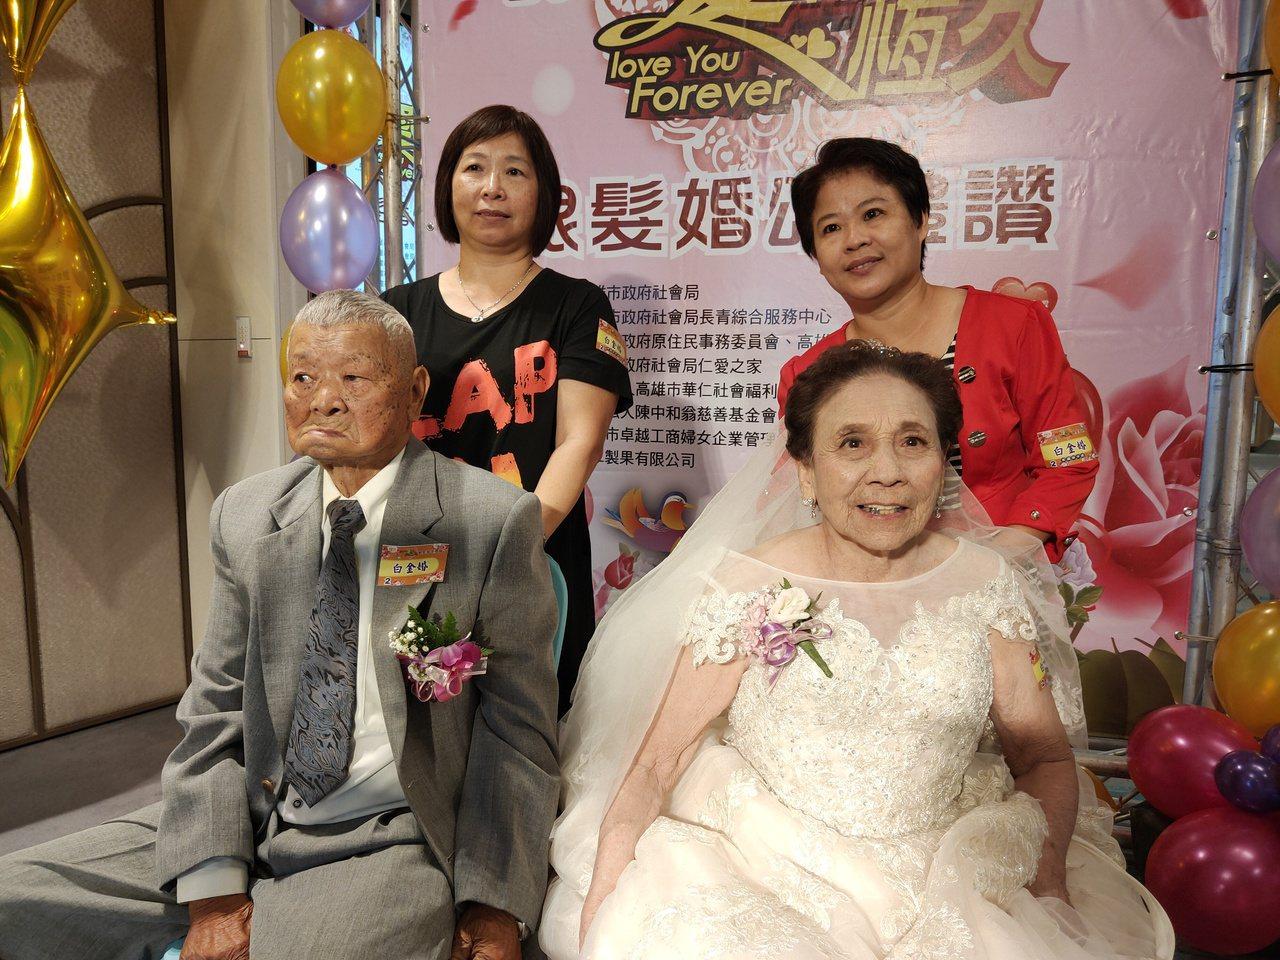 結婚逾70年的九旬夫妻張鈍(左)、張嚴來春(右)身著白紗上台,張鈍說「老婆今天很...